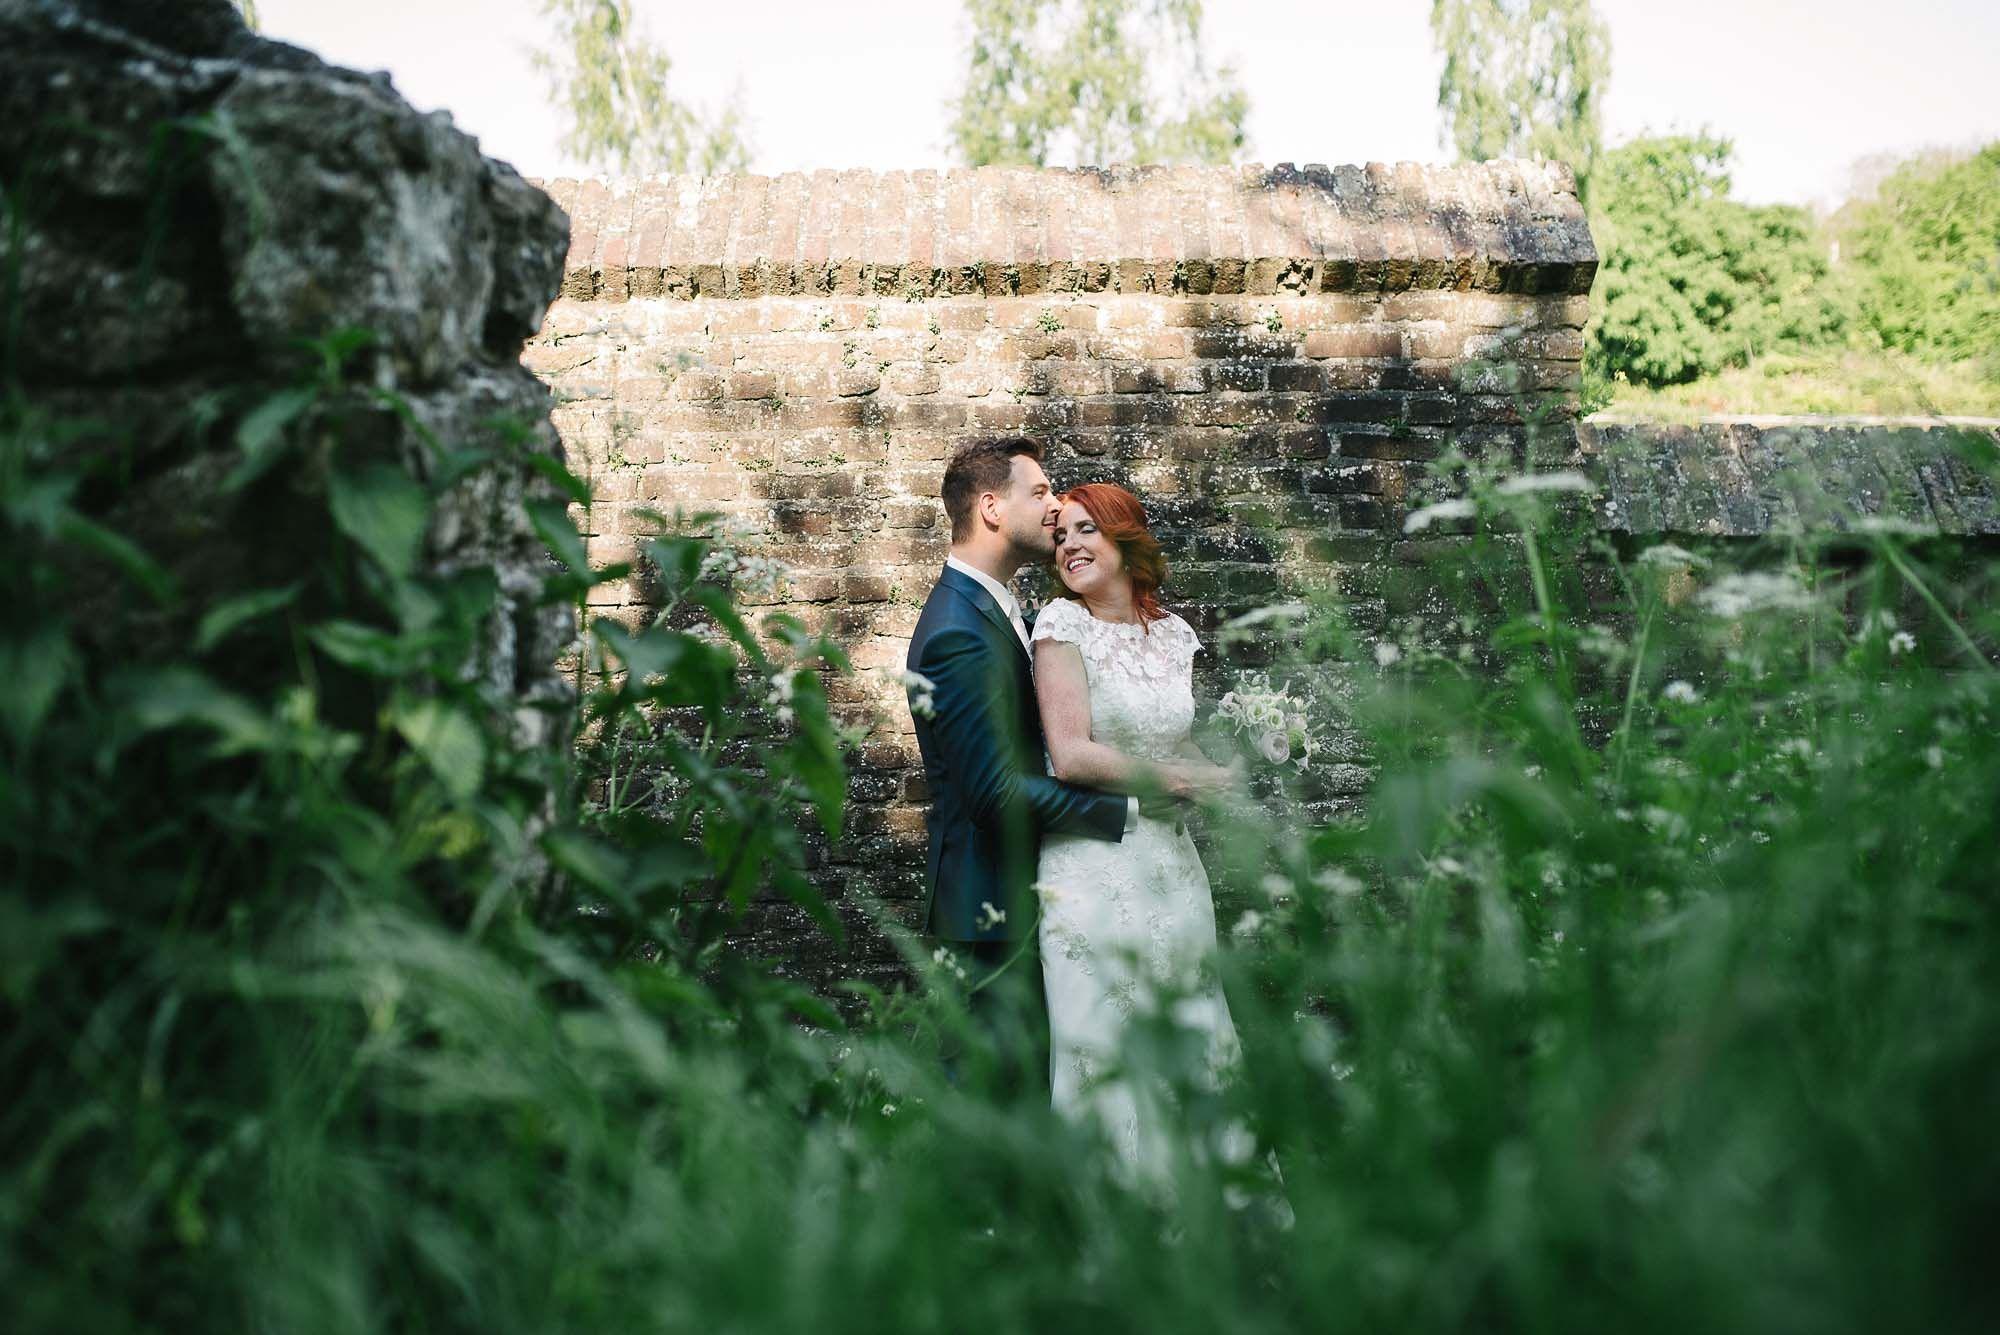 Bruidsfotograaf-Sittard-journalistieke-bruidsfotografie-068.jpg